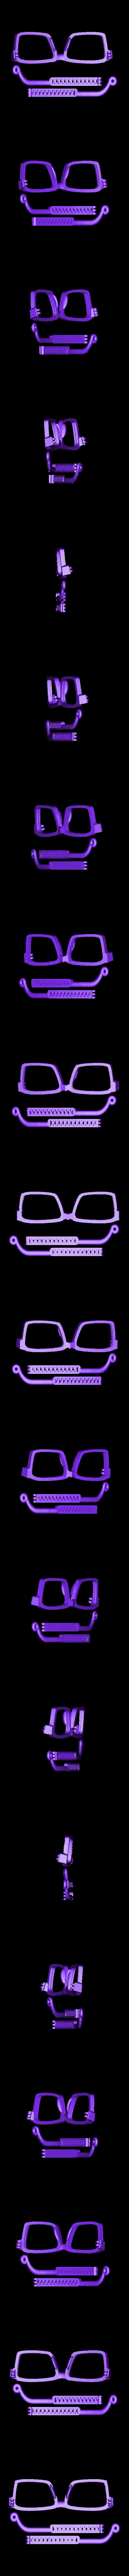 all_parts.stl Télécharger fichier STL gratuit Lunettes Bre got - pièces détachées • Design à imprimer en 3D, Gophy